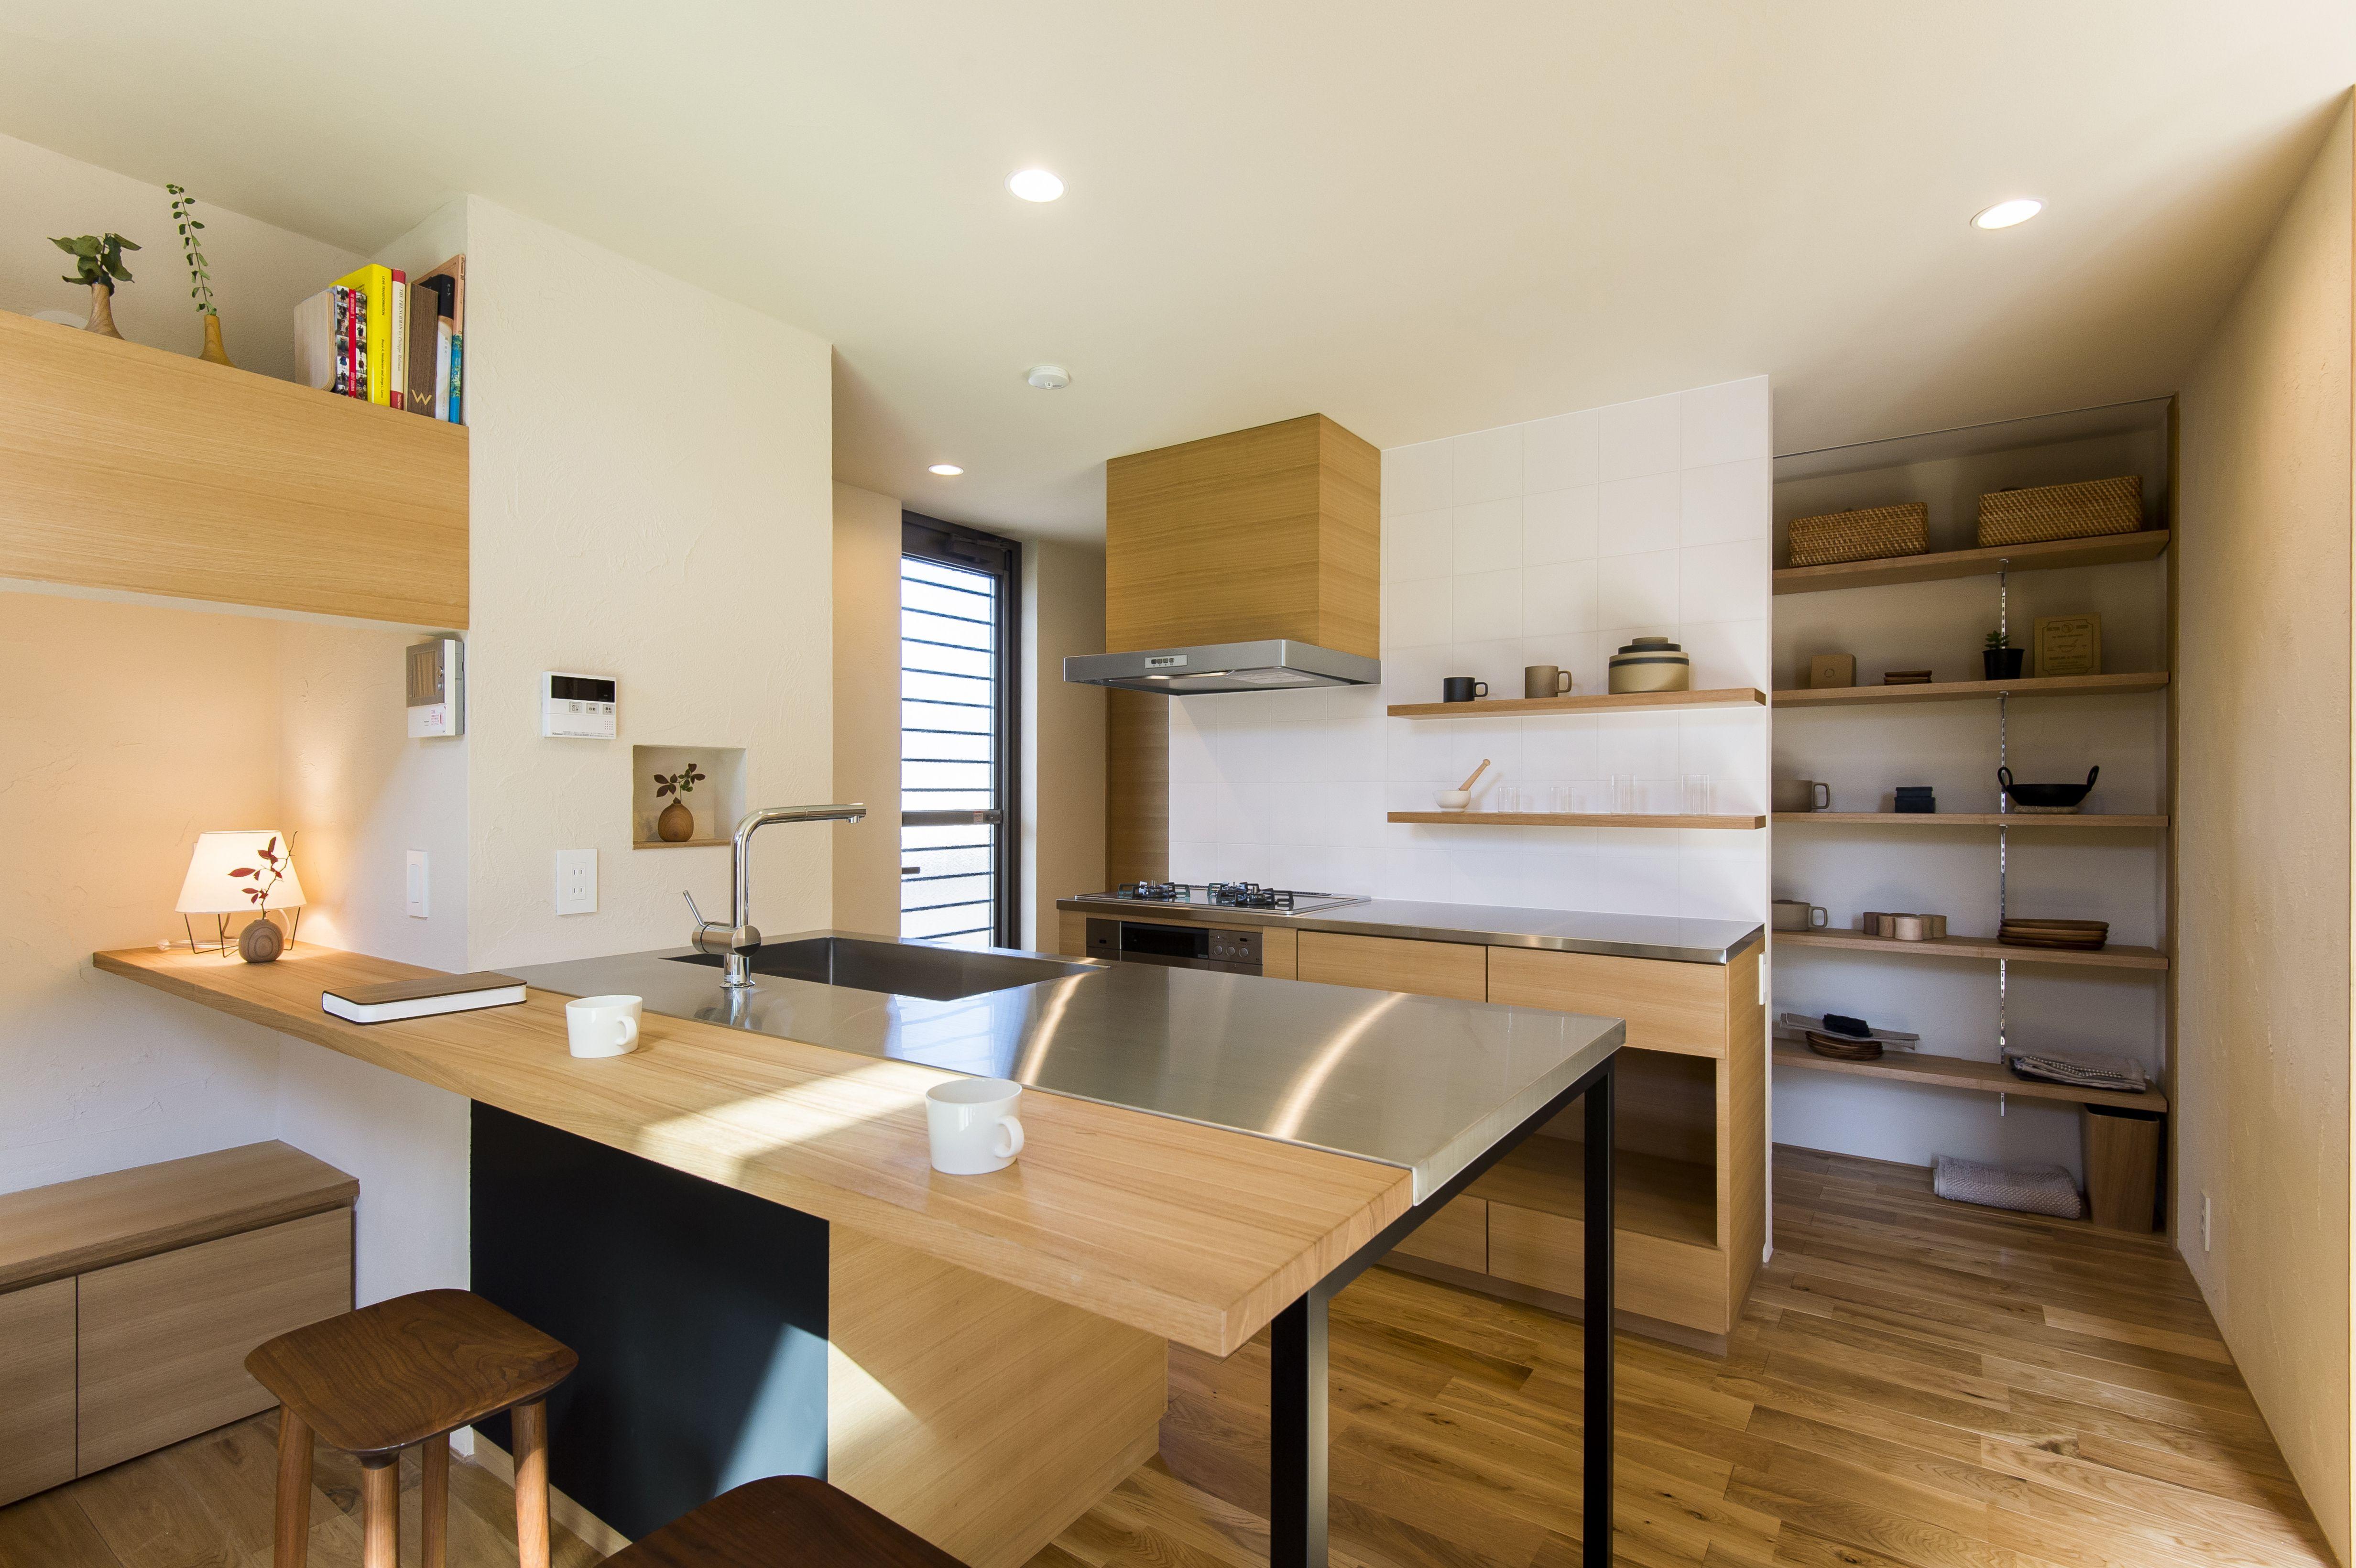 キッチン裏は壁一面がパントリー カウンター下は黒板壁 キッチン